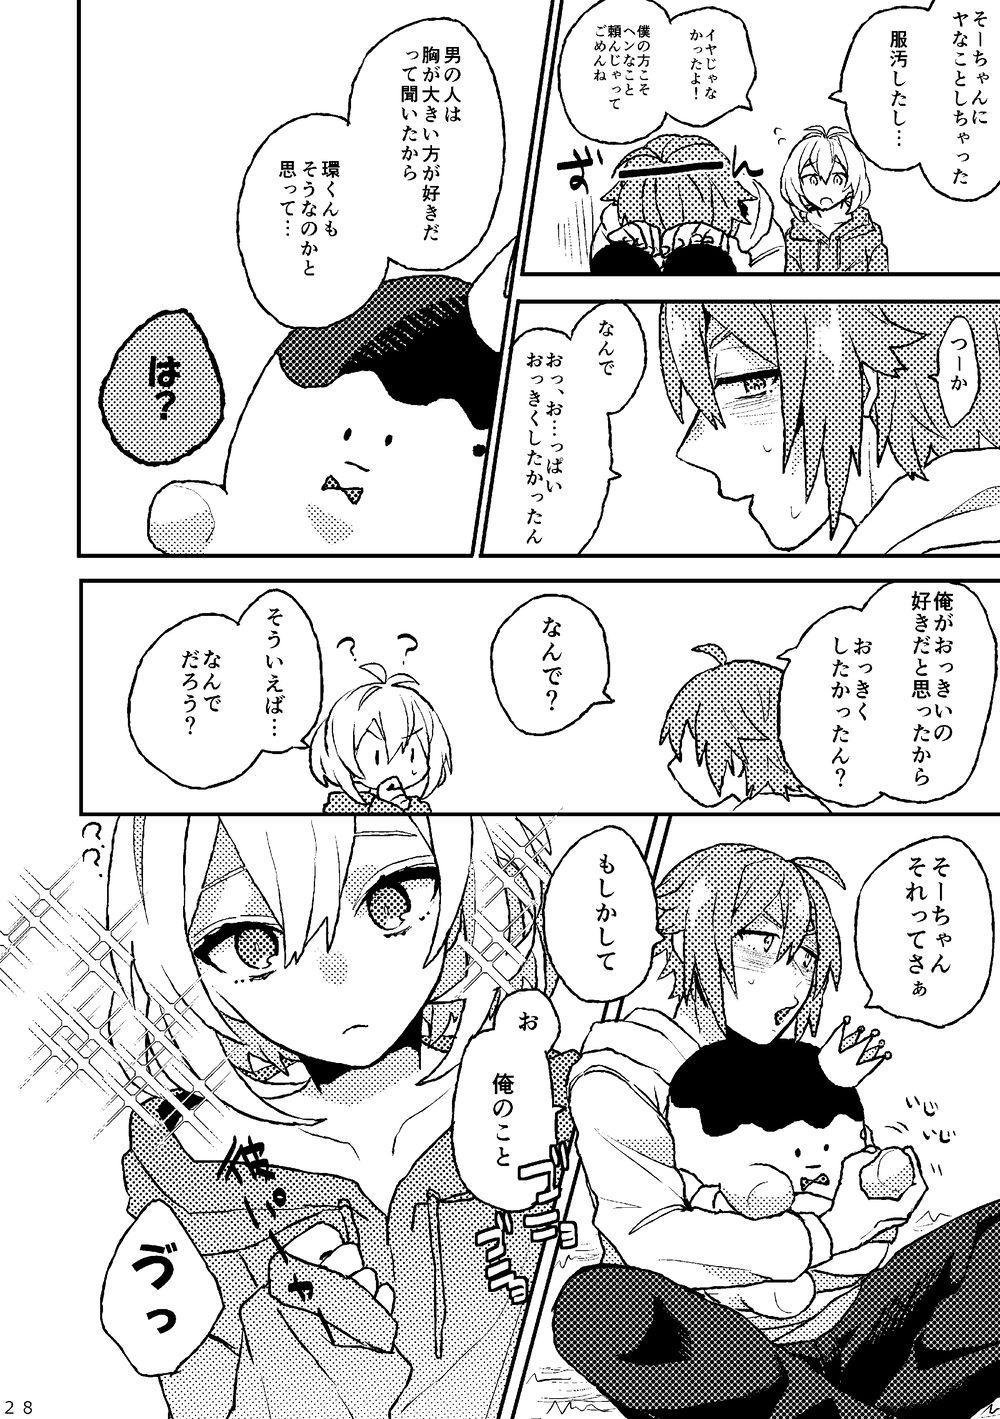 Ganbare! Tamaki-kun 25